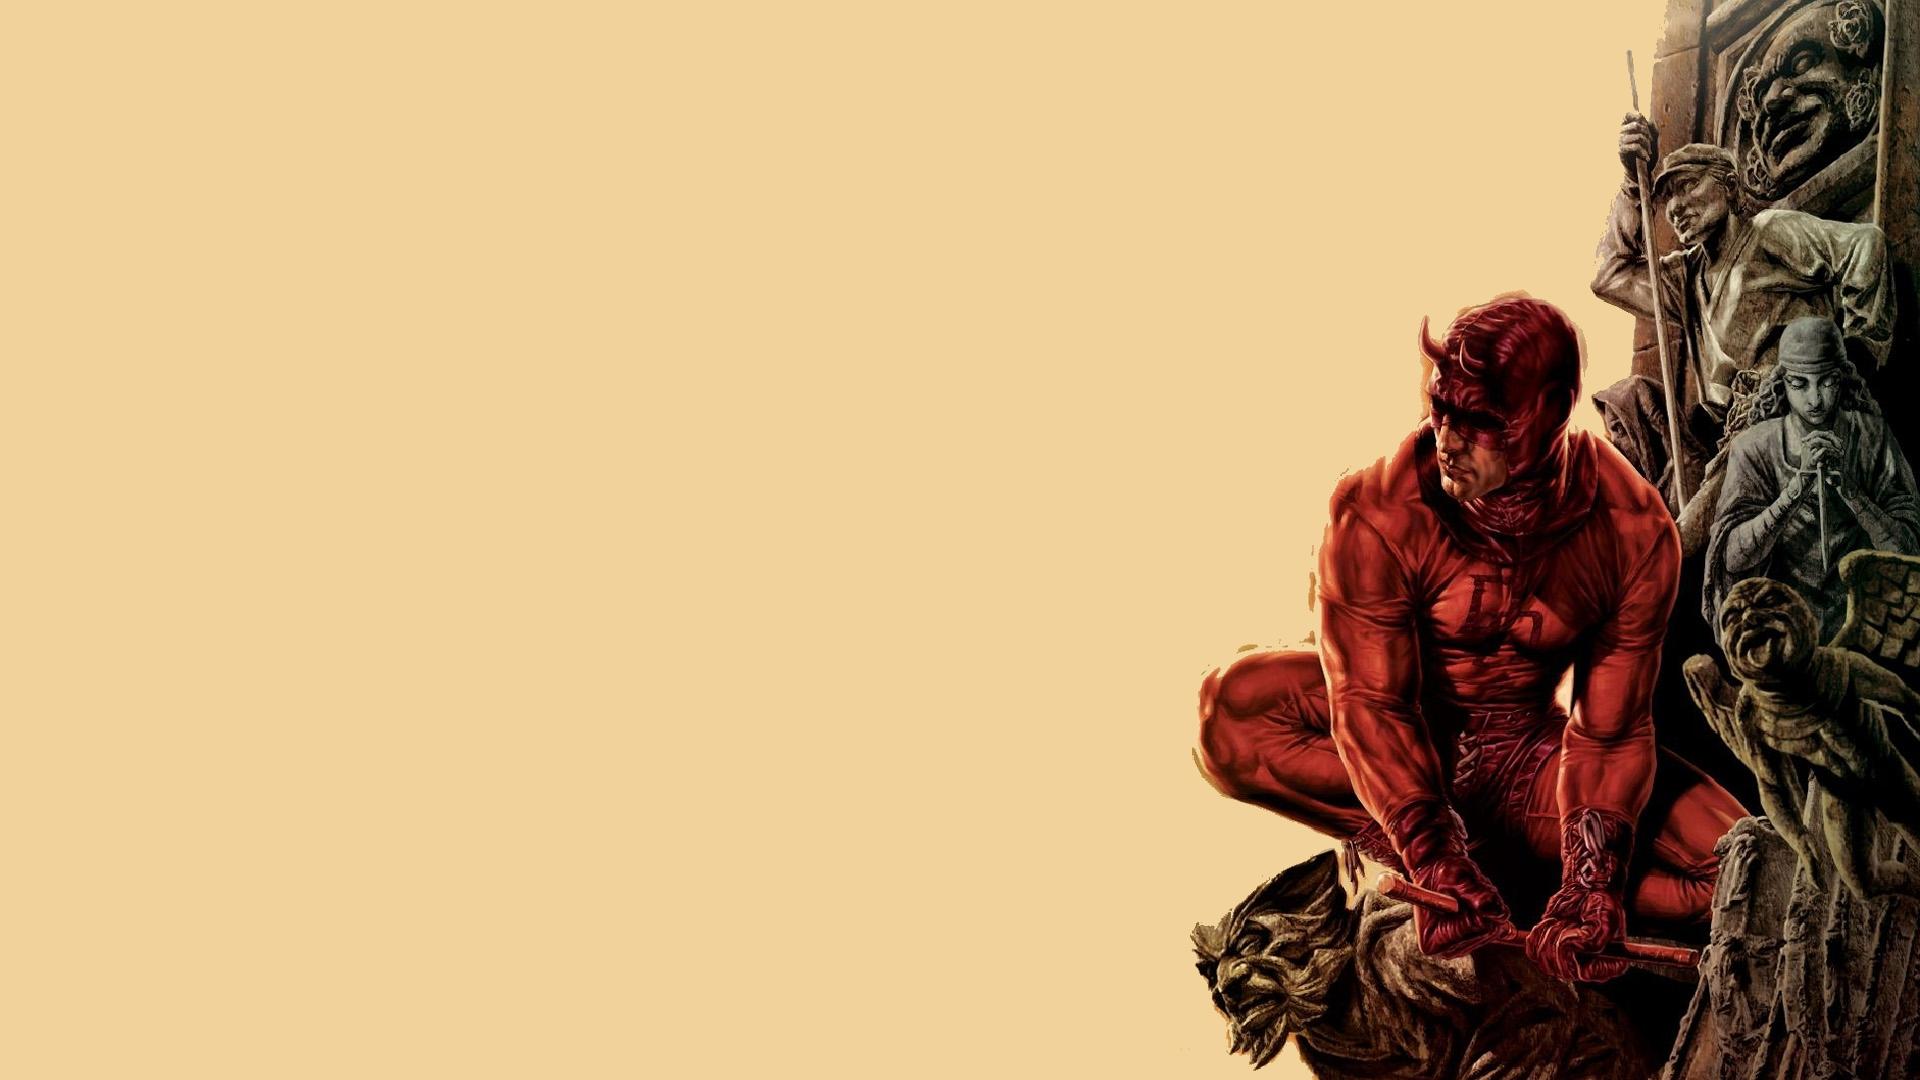 Daredevil Wallpaper Phone - WallpaperSafari